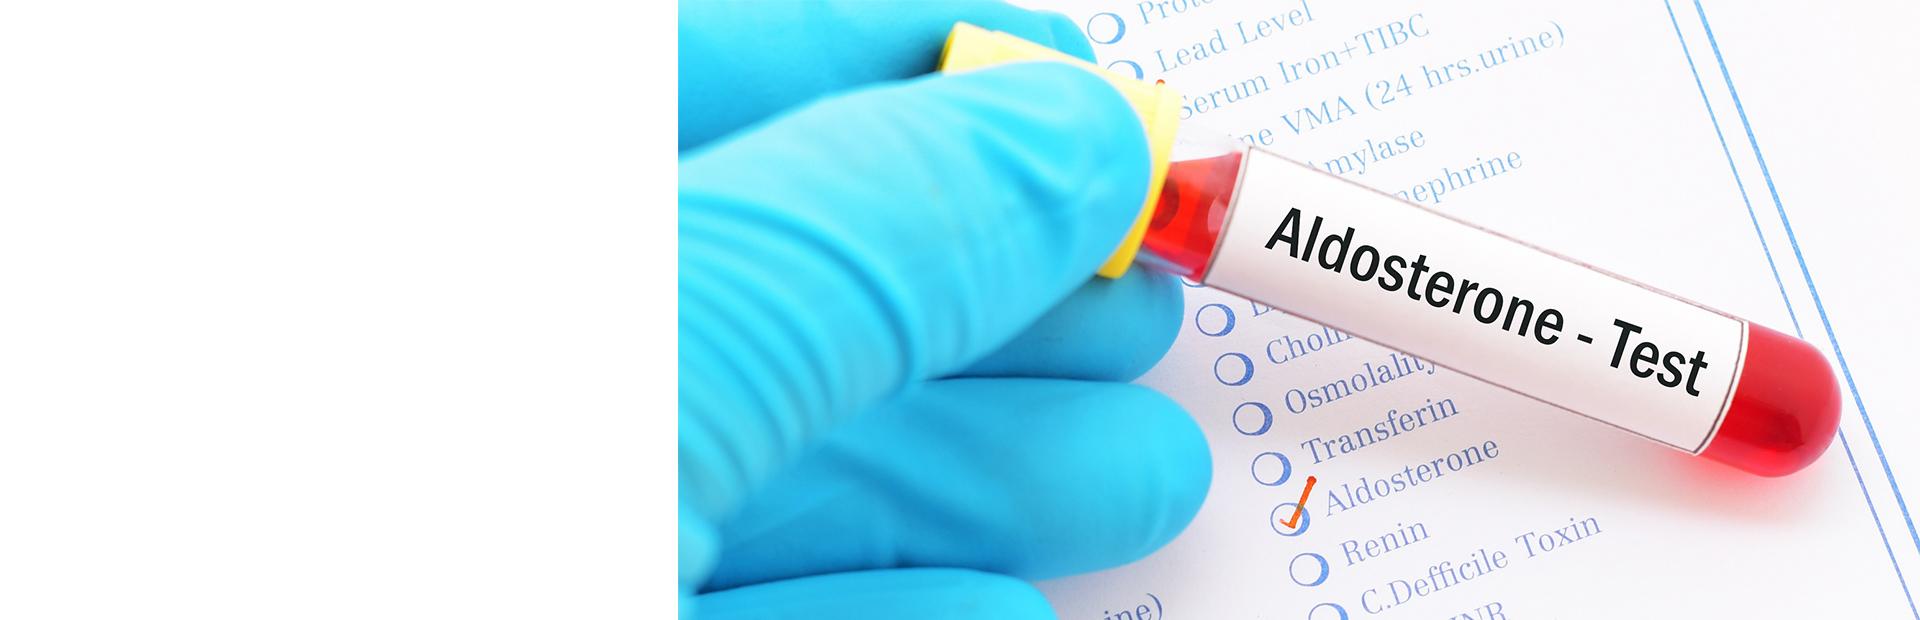 Оценка состояния ренин-ангиотензин-альдостероновой системы